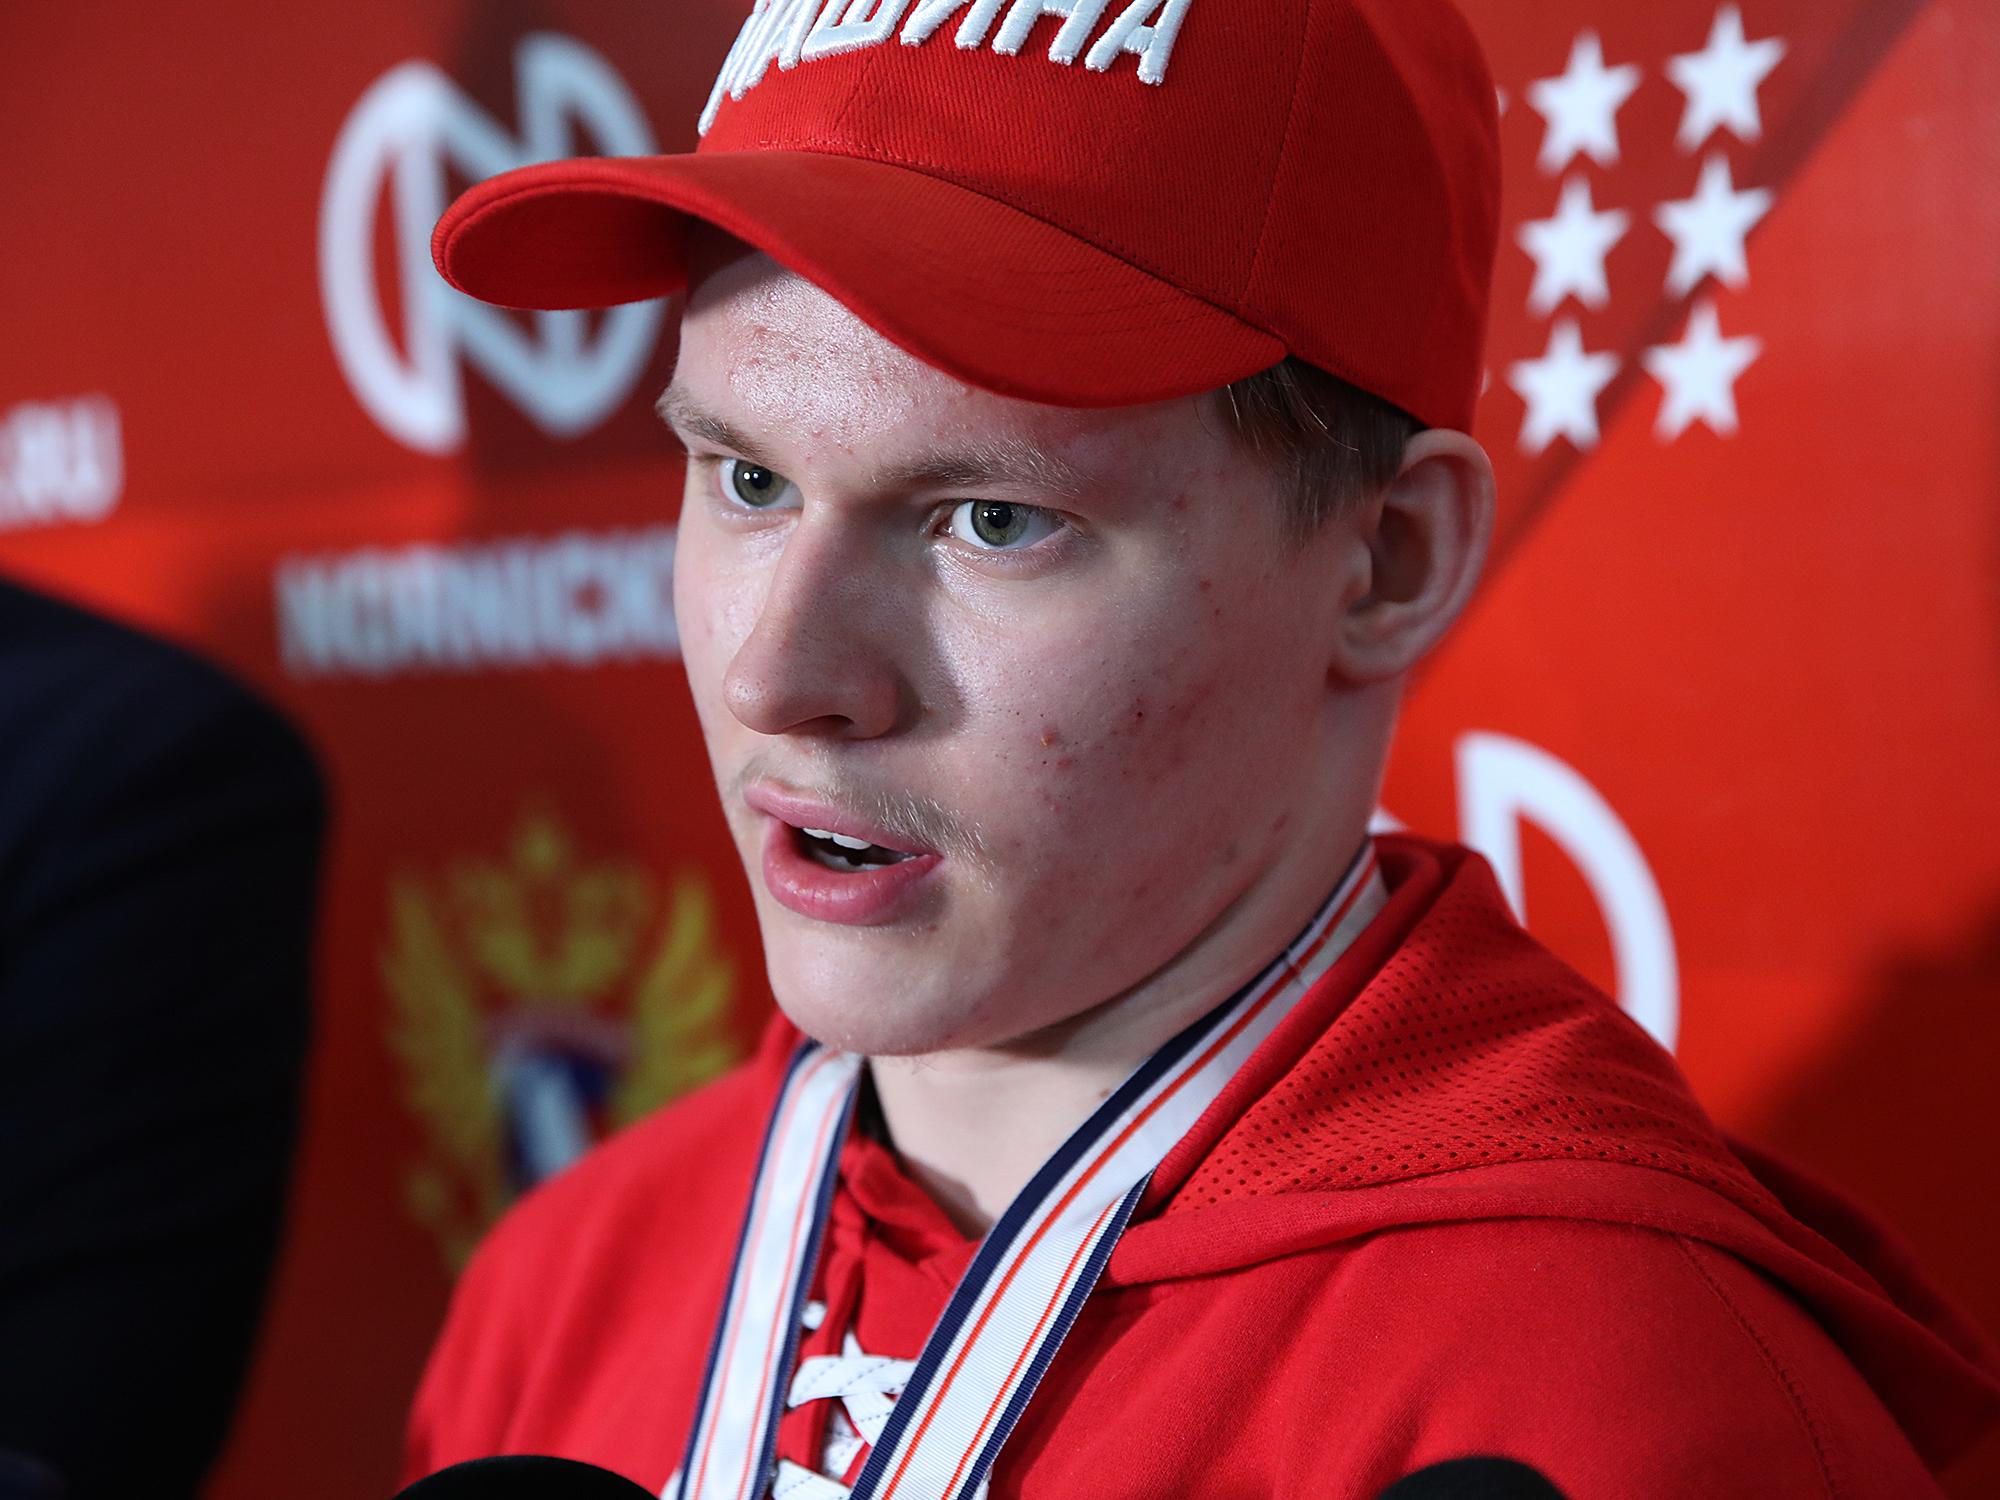 Матвей Мичков. Фото: Владимир Беззубов